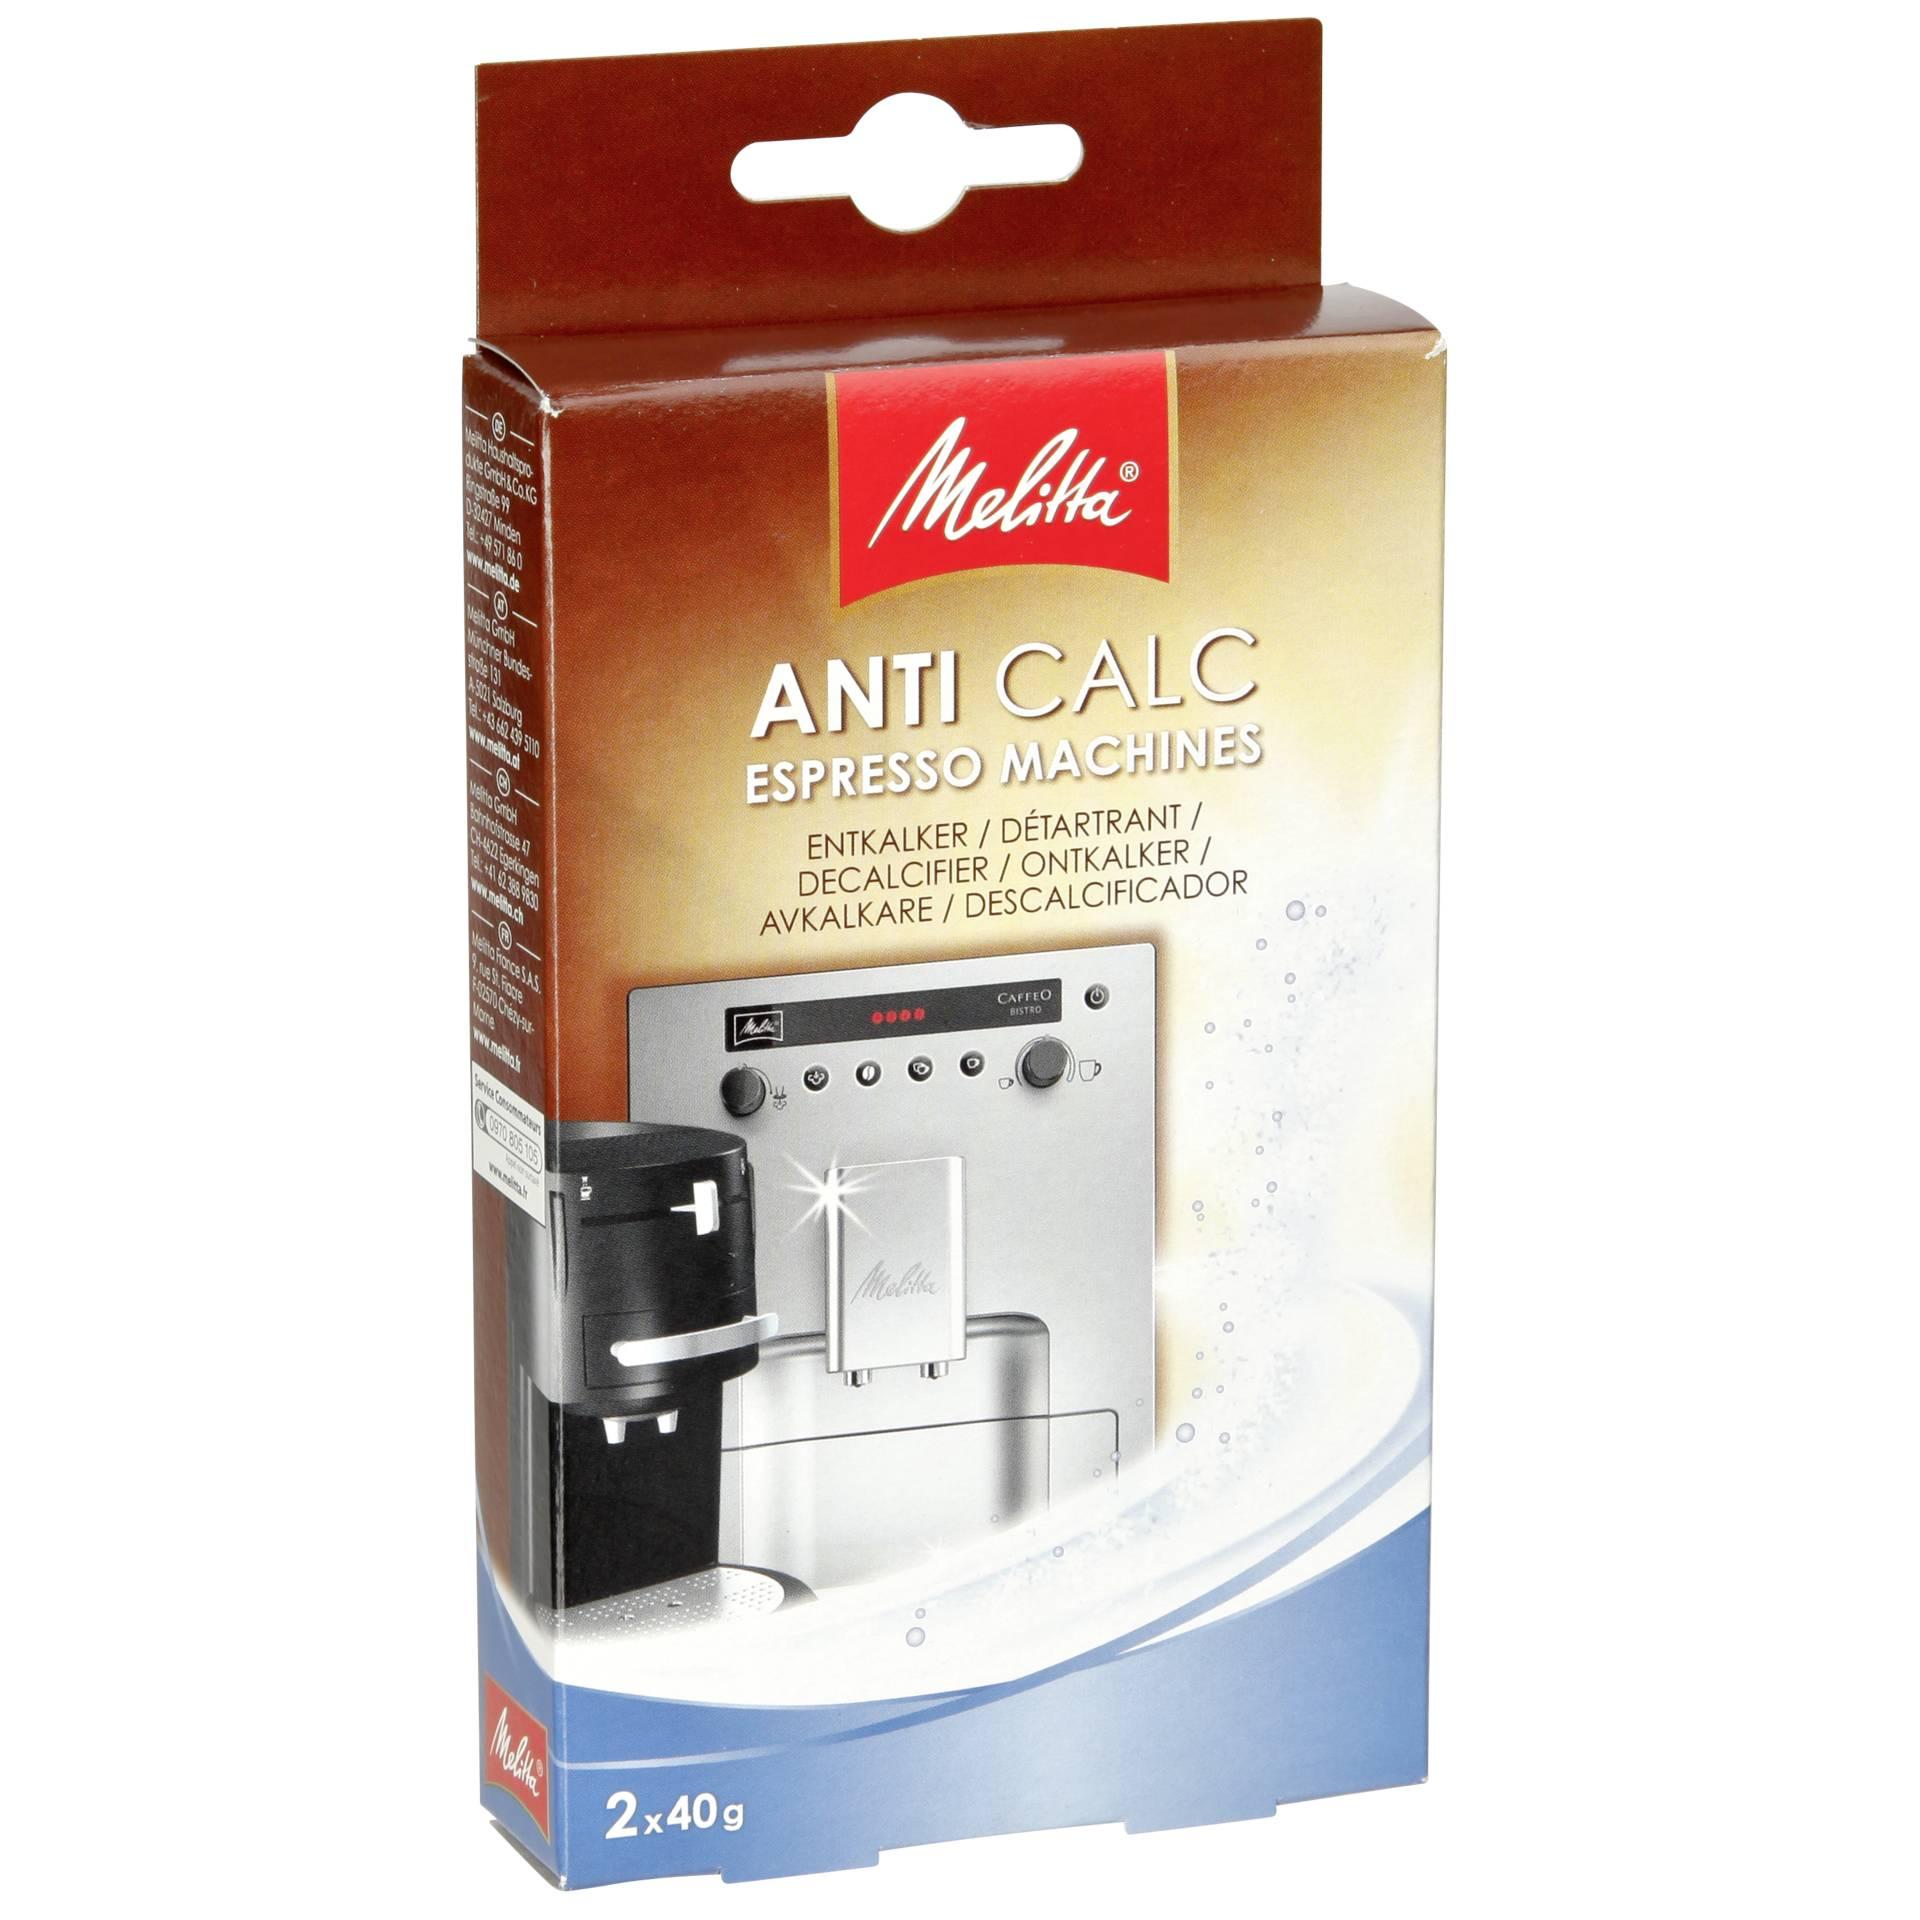 Melitta Anticalc Espresso Machines